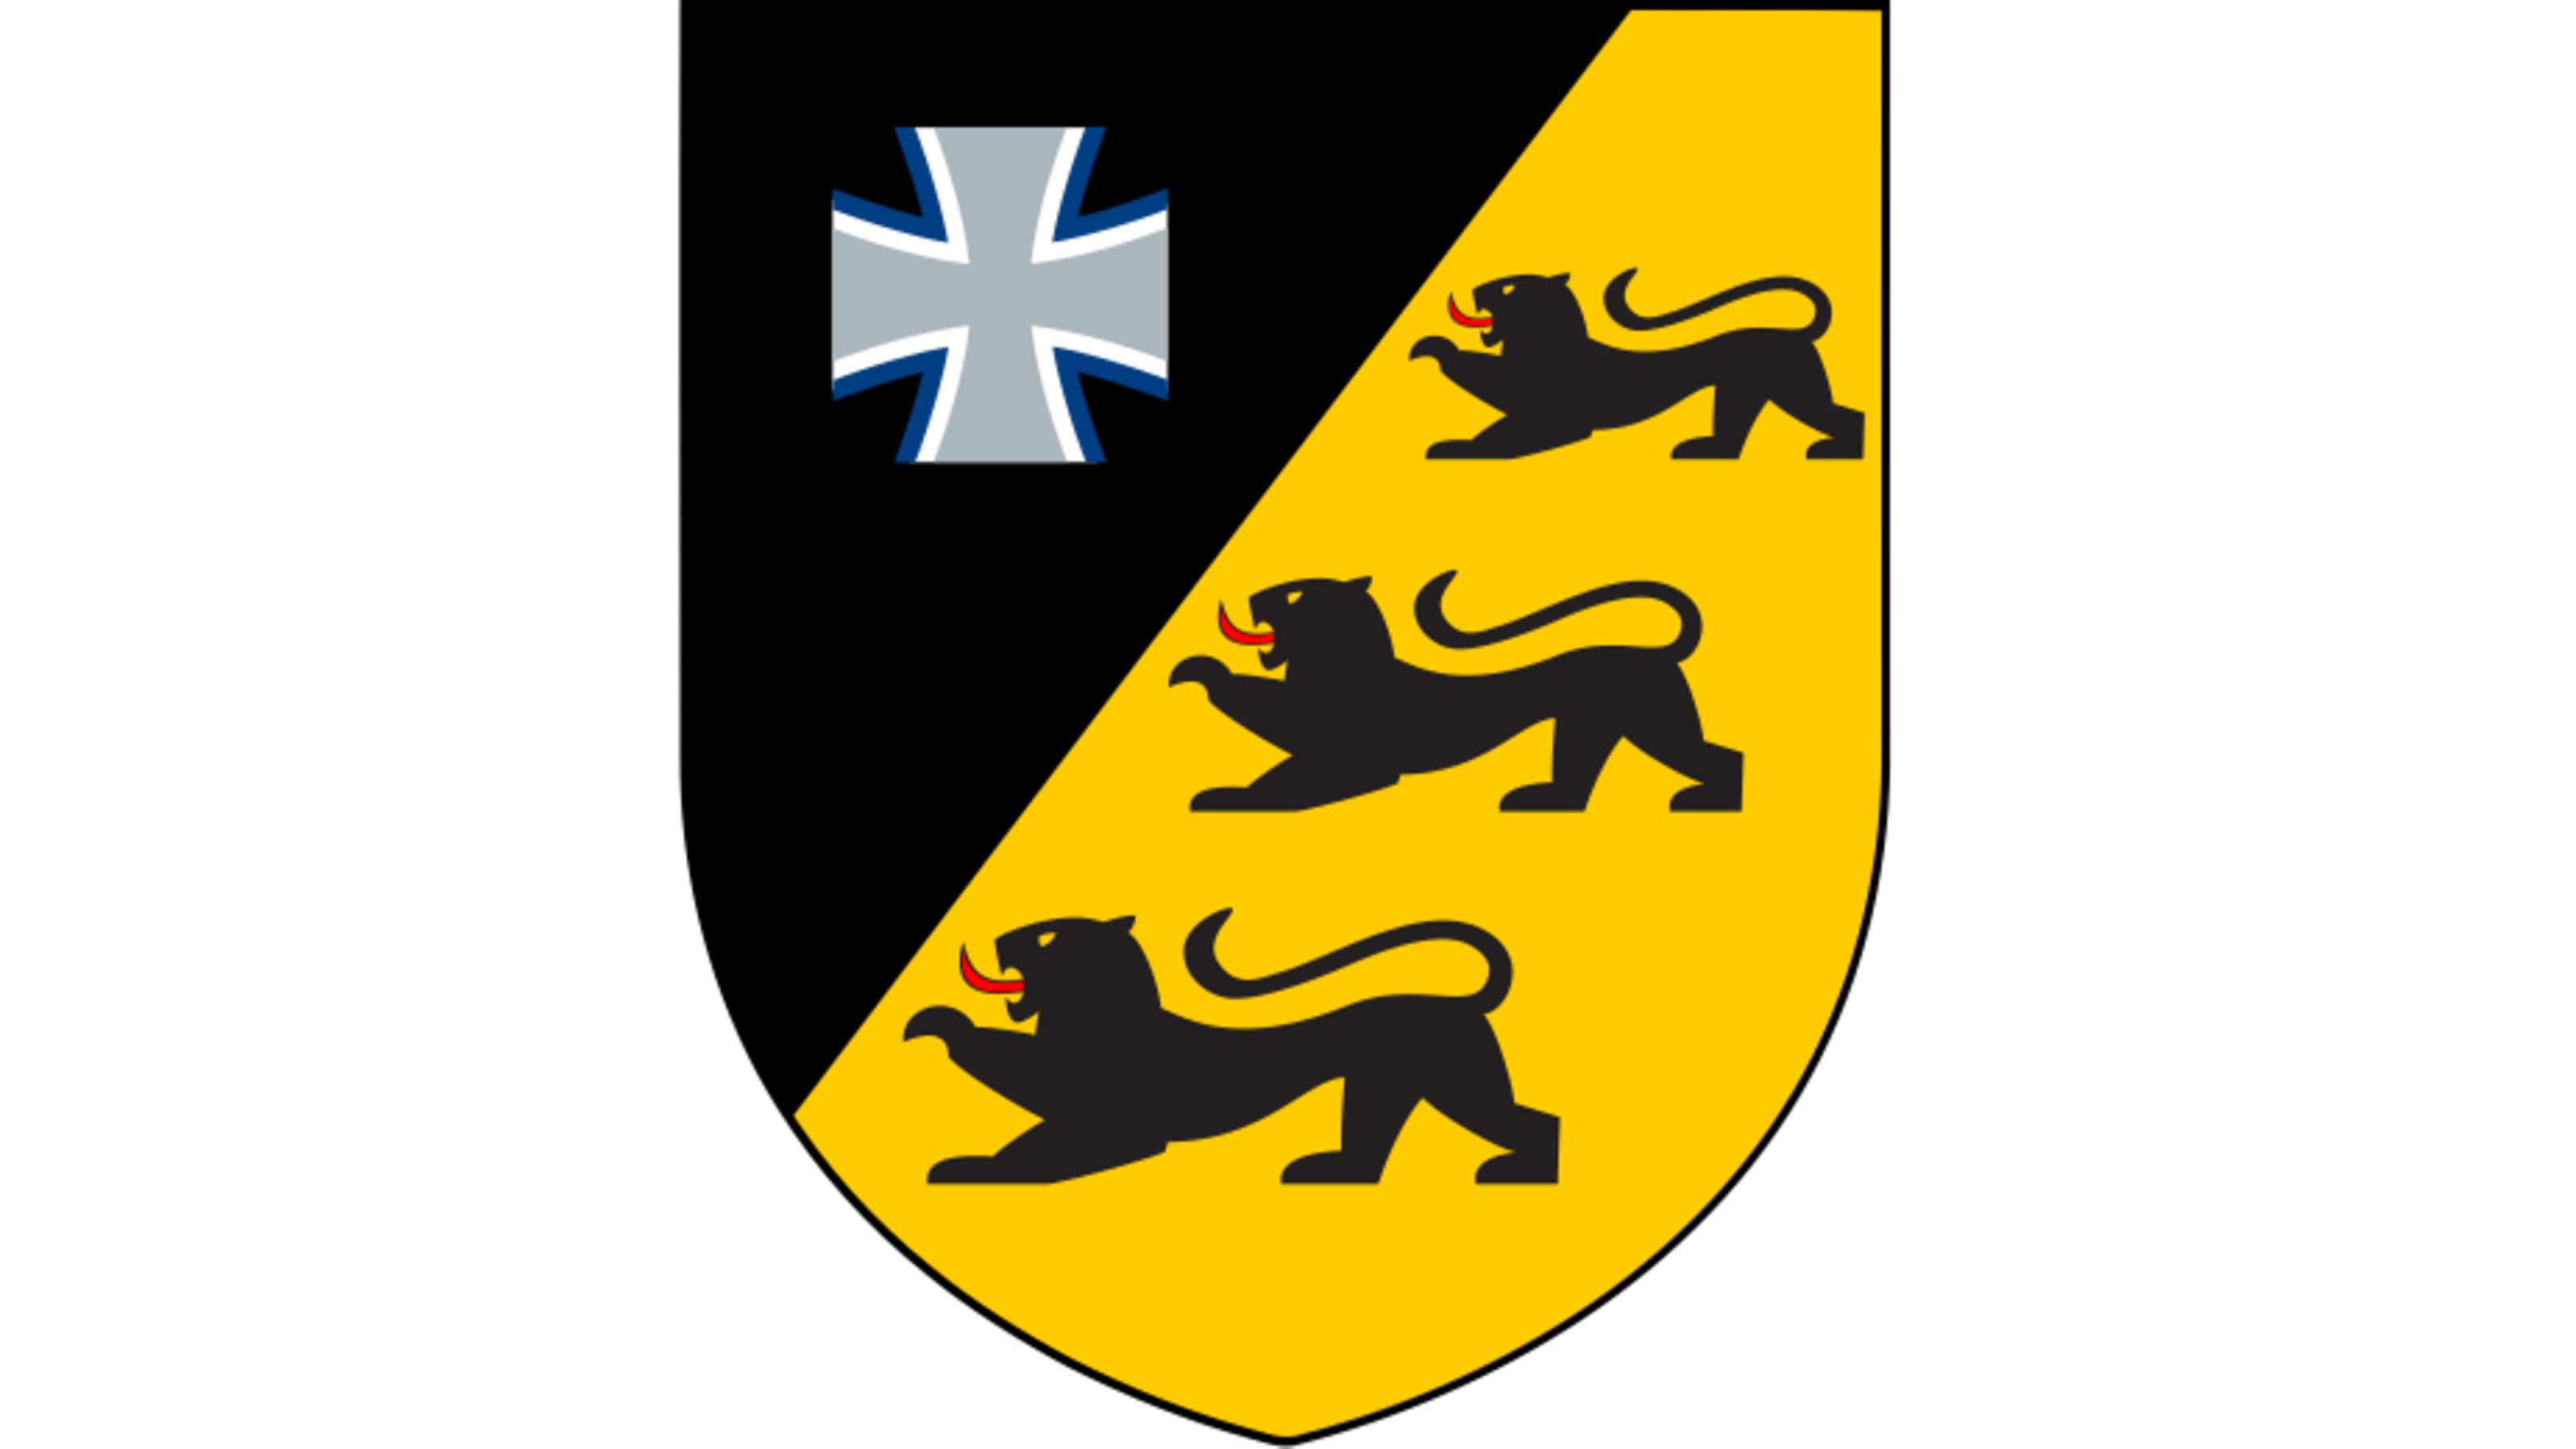 Blauer Bund Wappen des Landeskommandos Baden-Würtemberg